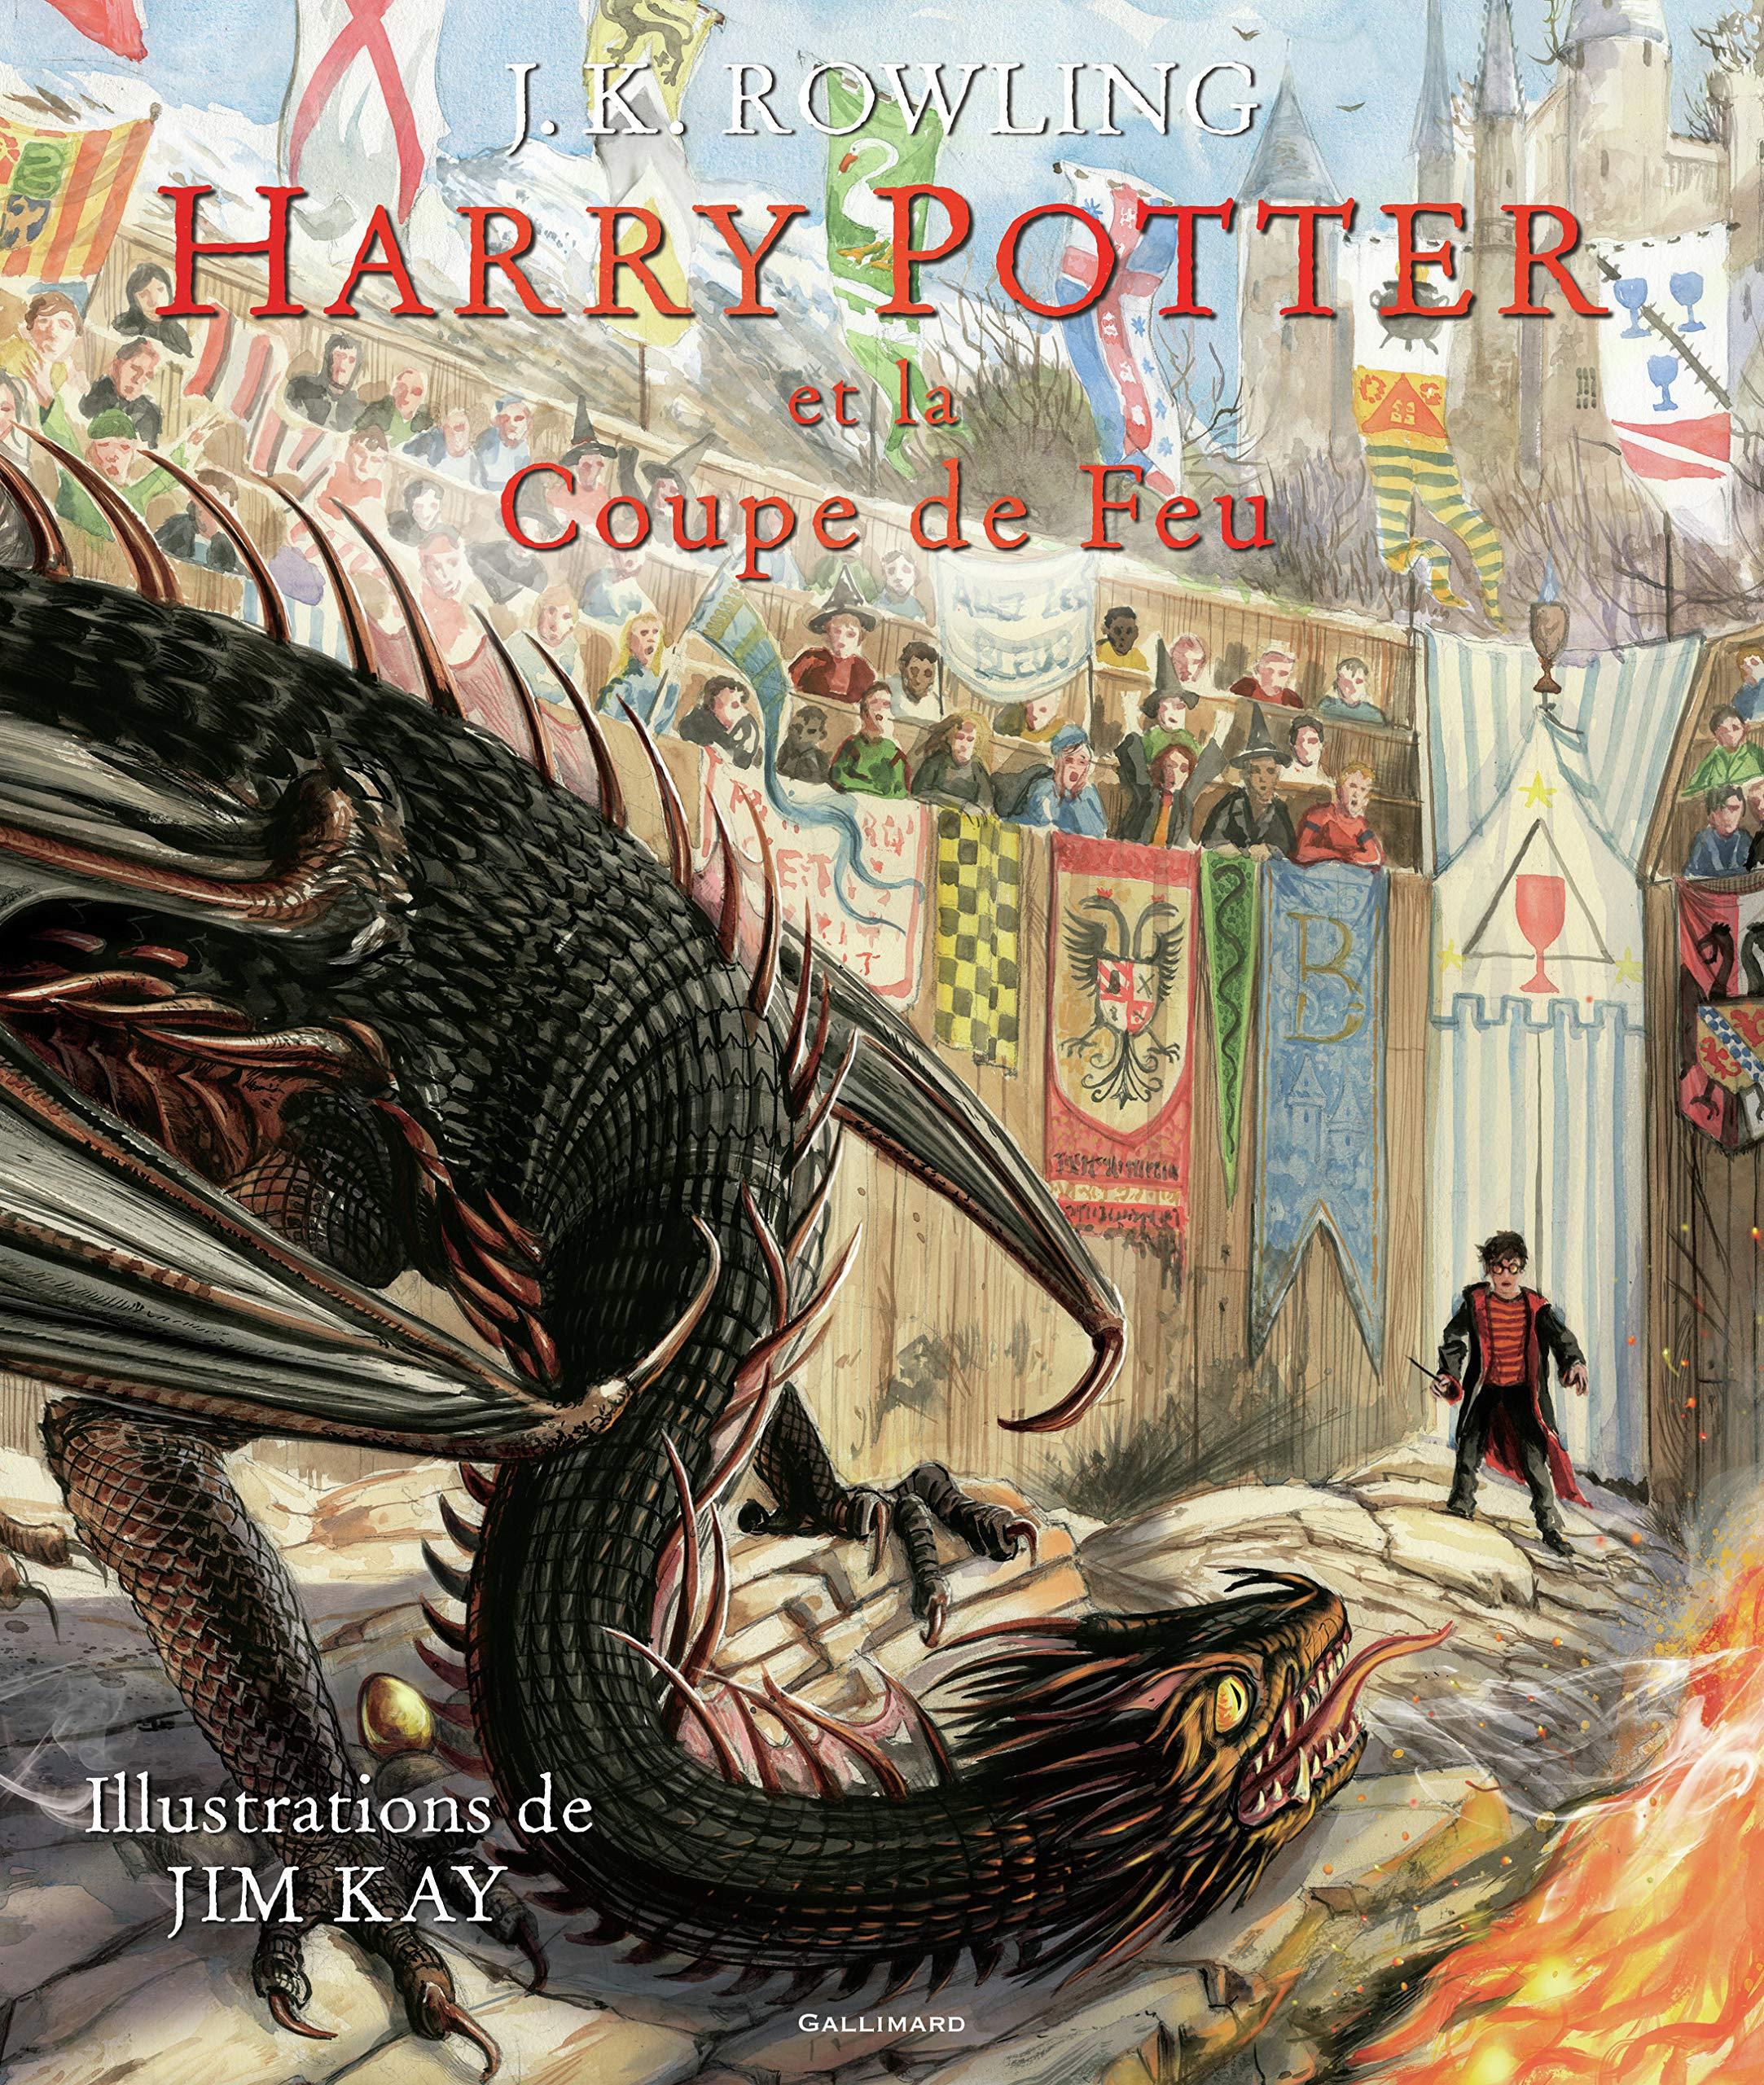 Harry Potter, IV : Harry Potter et la Coupe de Feu: Amazon.fr:  Rowling,J.K., Kay,Jim, Ménard,Jean-François: Livres